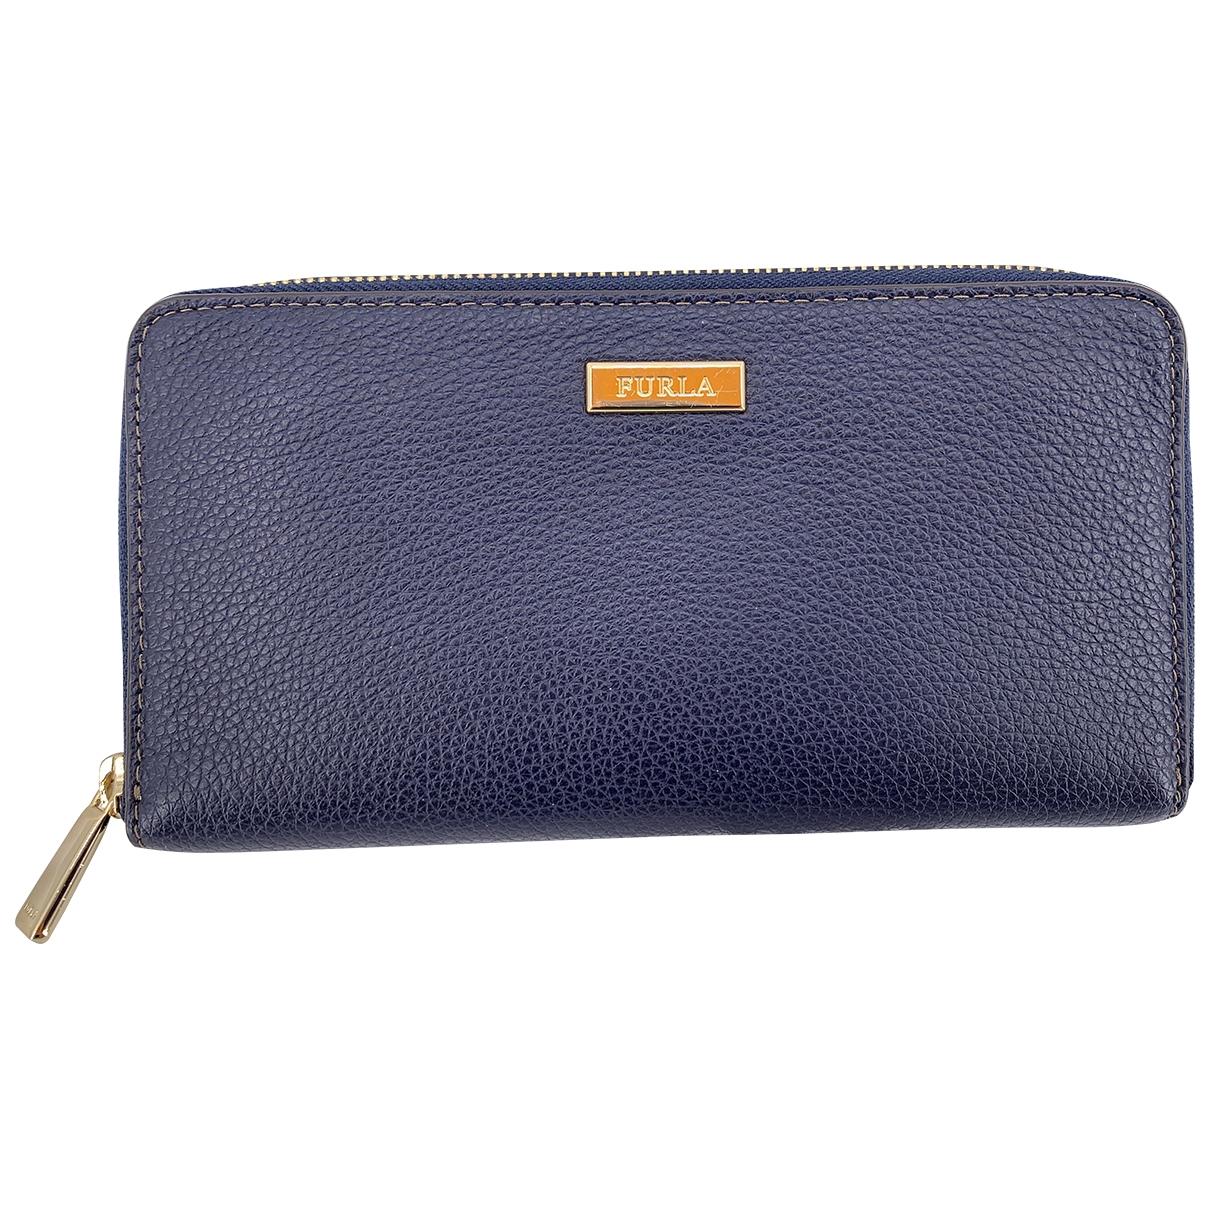 Furla \N Portemonnaie in  Blau Leder